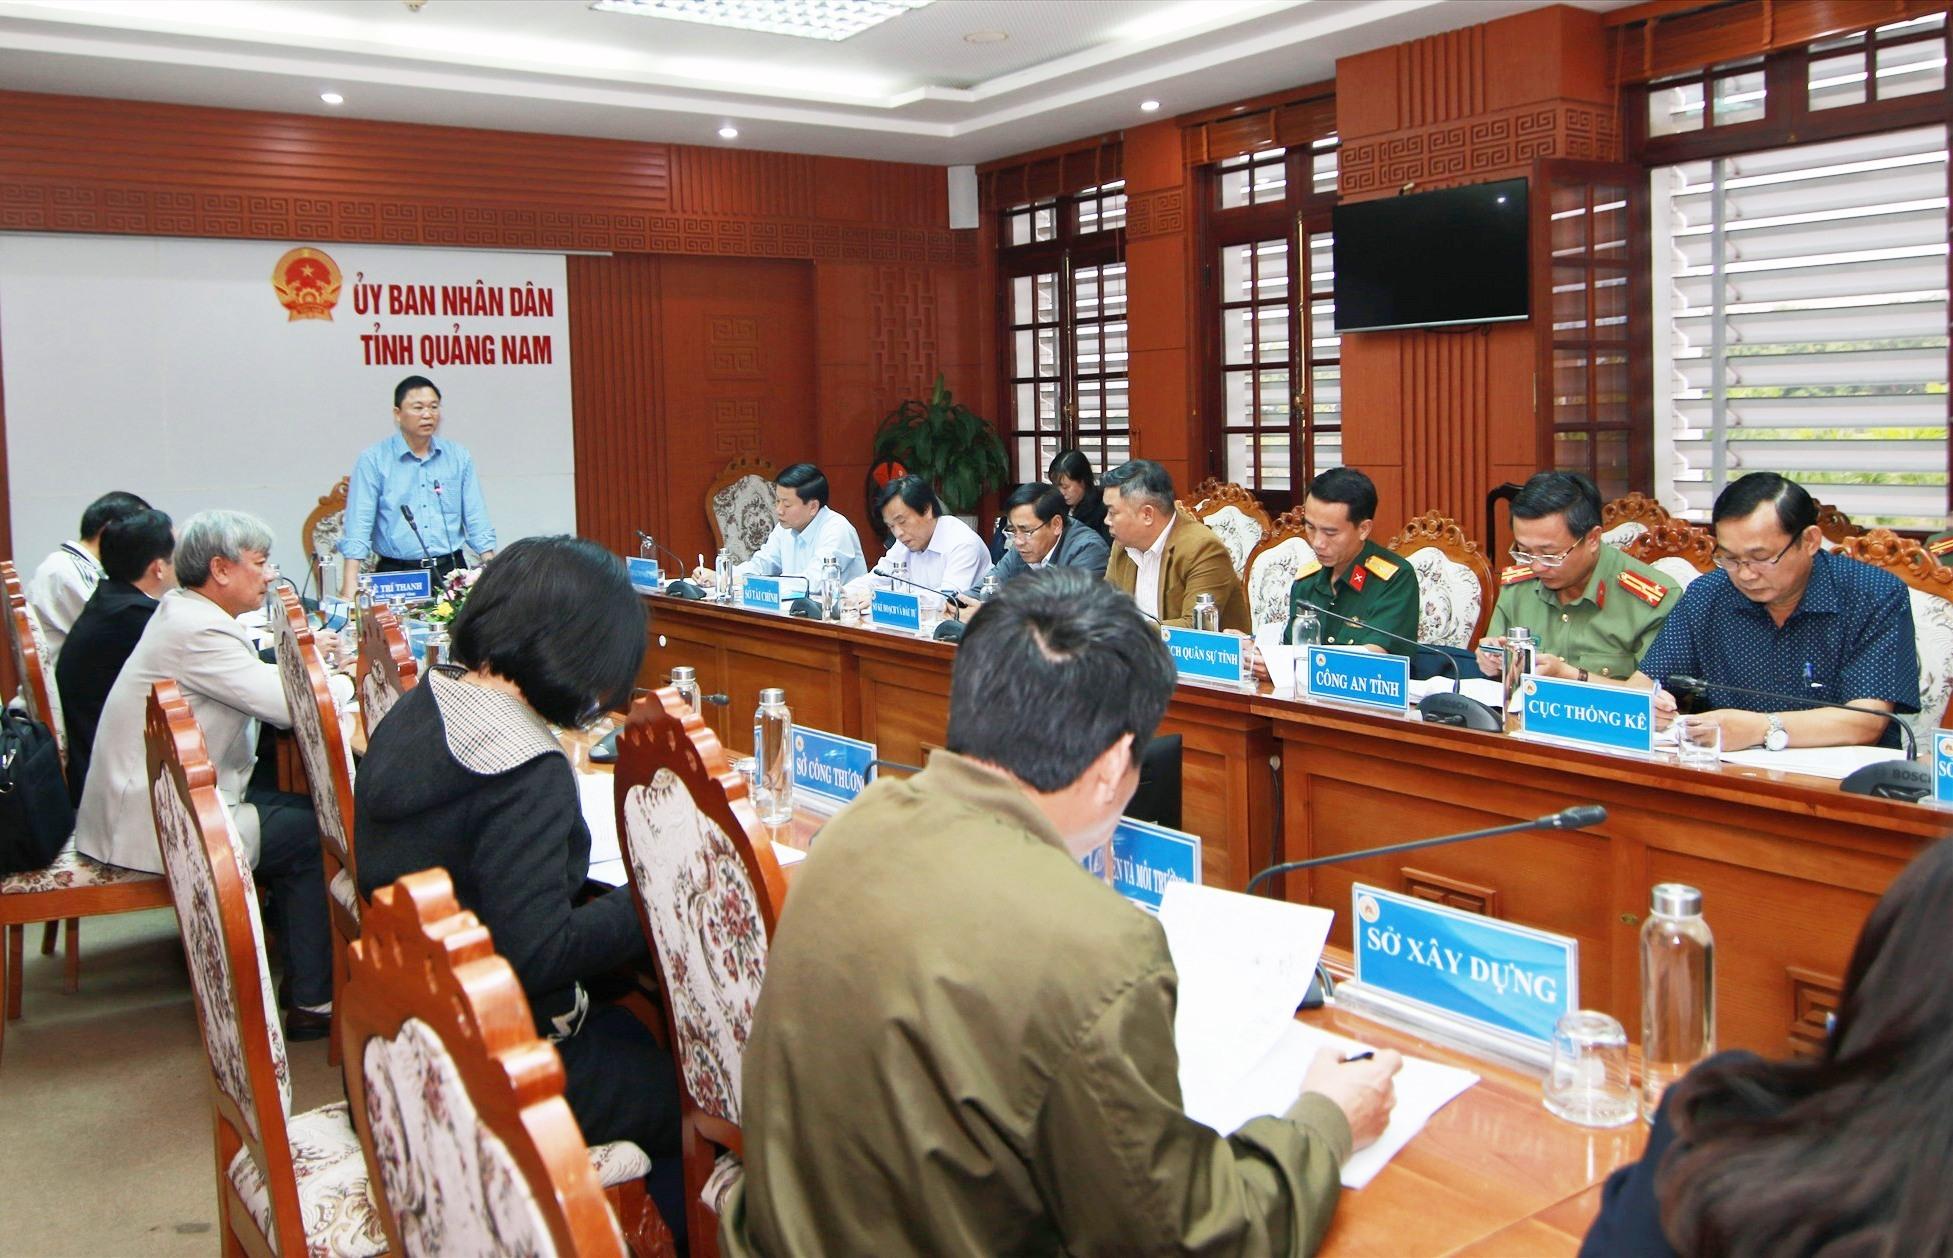 Chủ tịch UBND tỉnh Lê Trí Thanh phát biểu tại cuộc họp. Ảnh: S.C